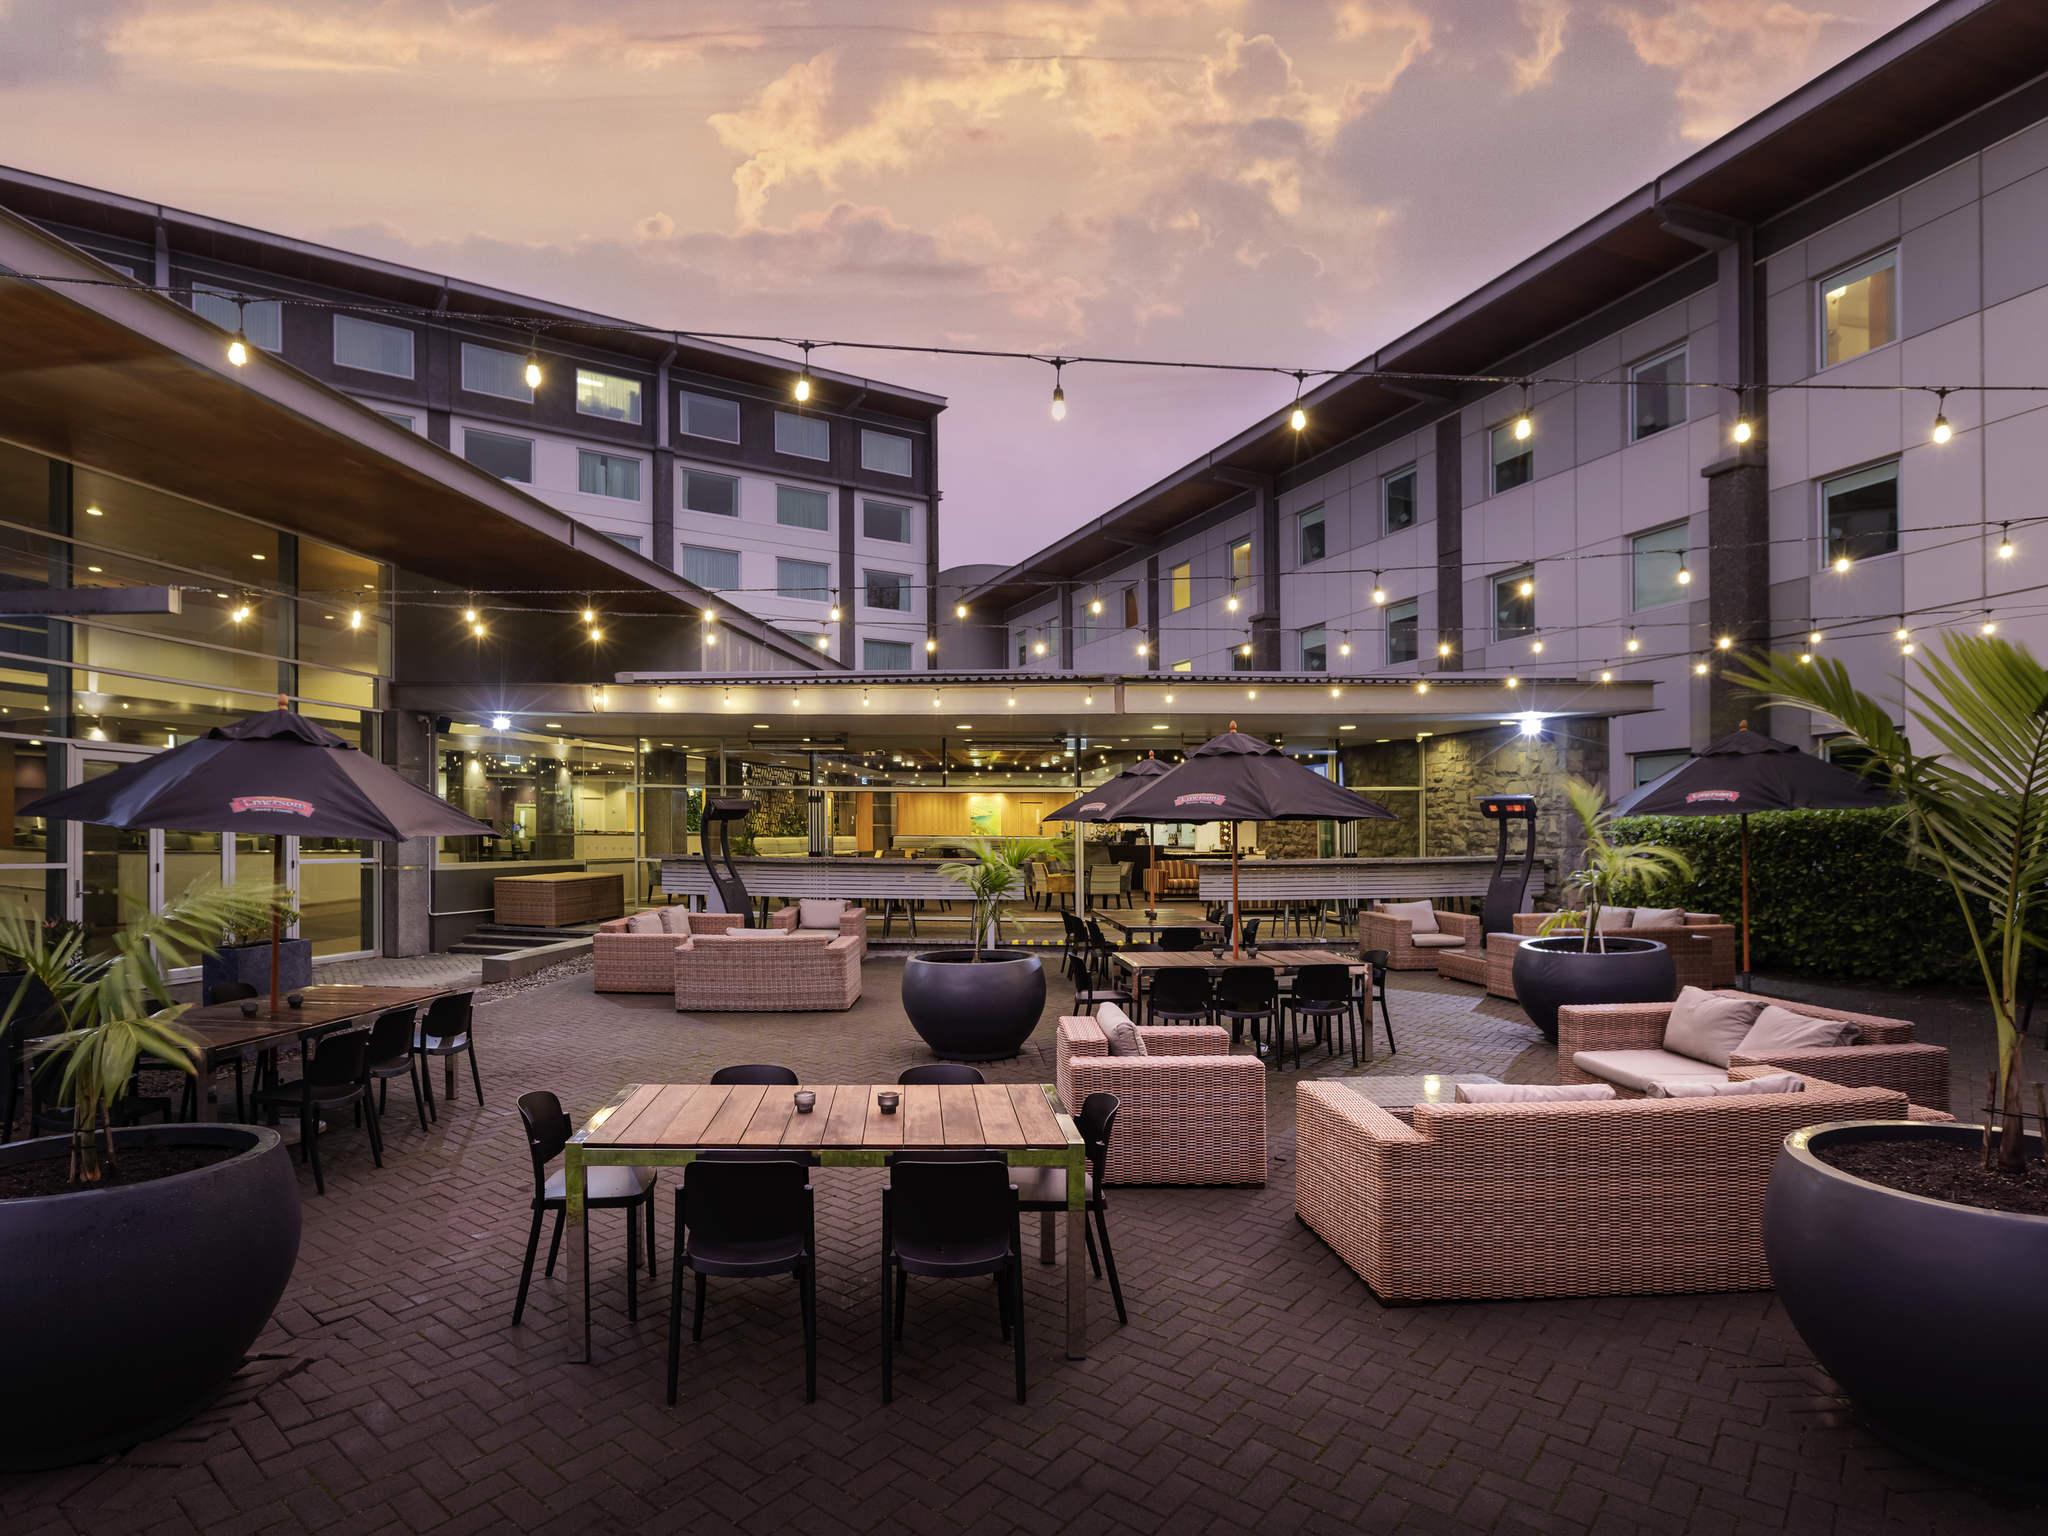 โรงแรม – โนโวเทล โอ๊คแลนด์ แอลเลอร์สลี